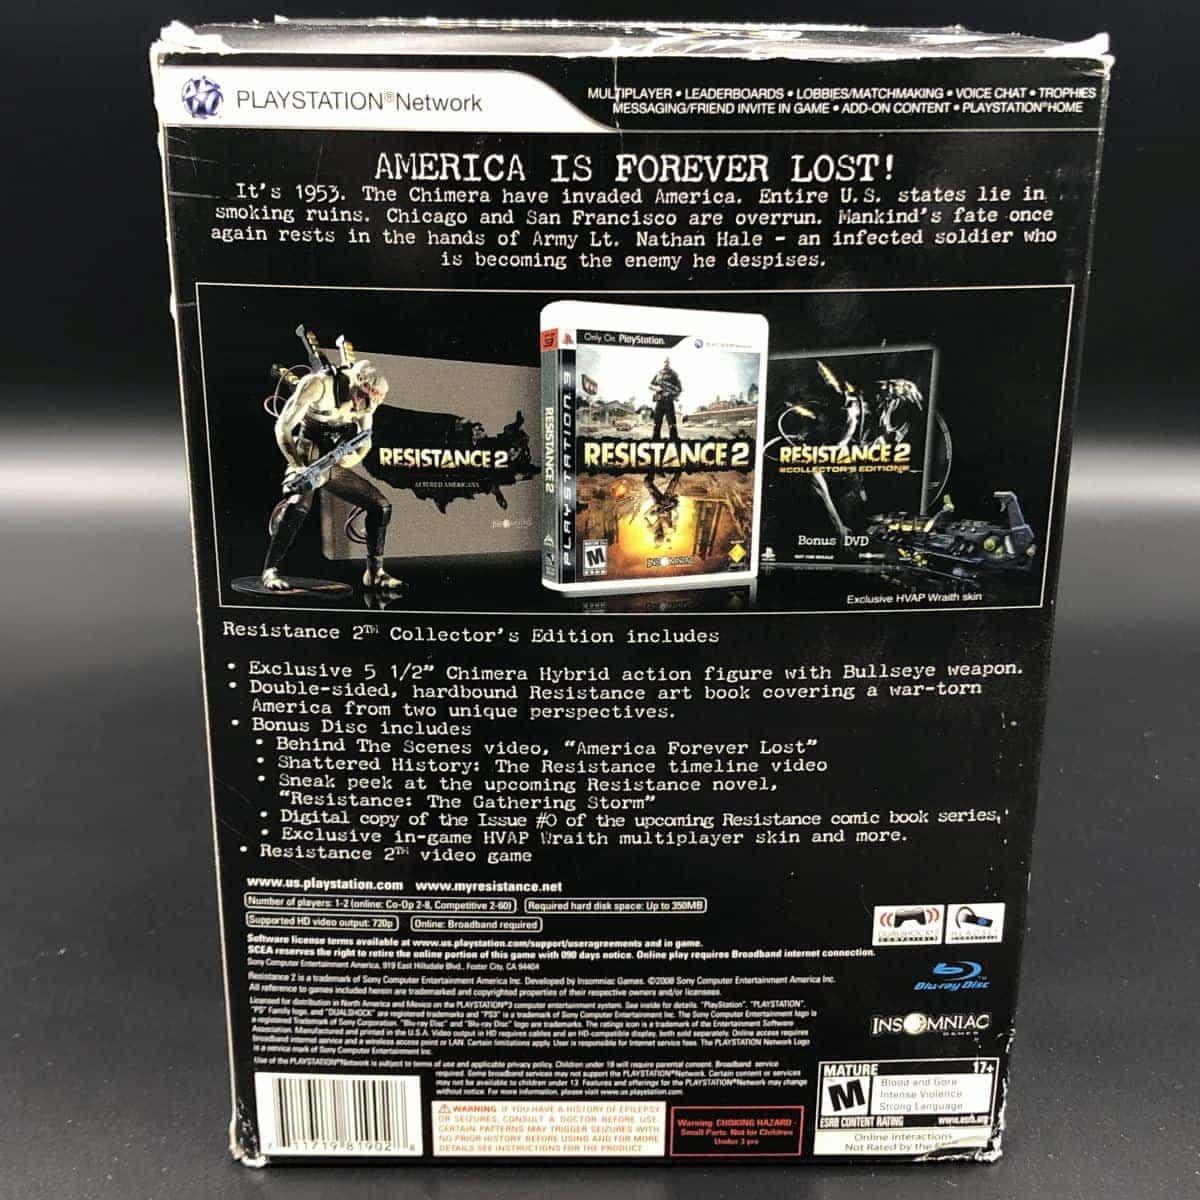 PS3 Resistance 2 (Collector's Edition) (Komplett) (Gebrauchsspuren) (FSK18)